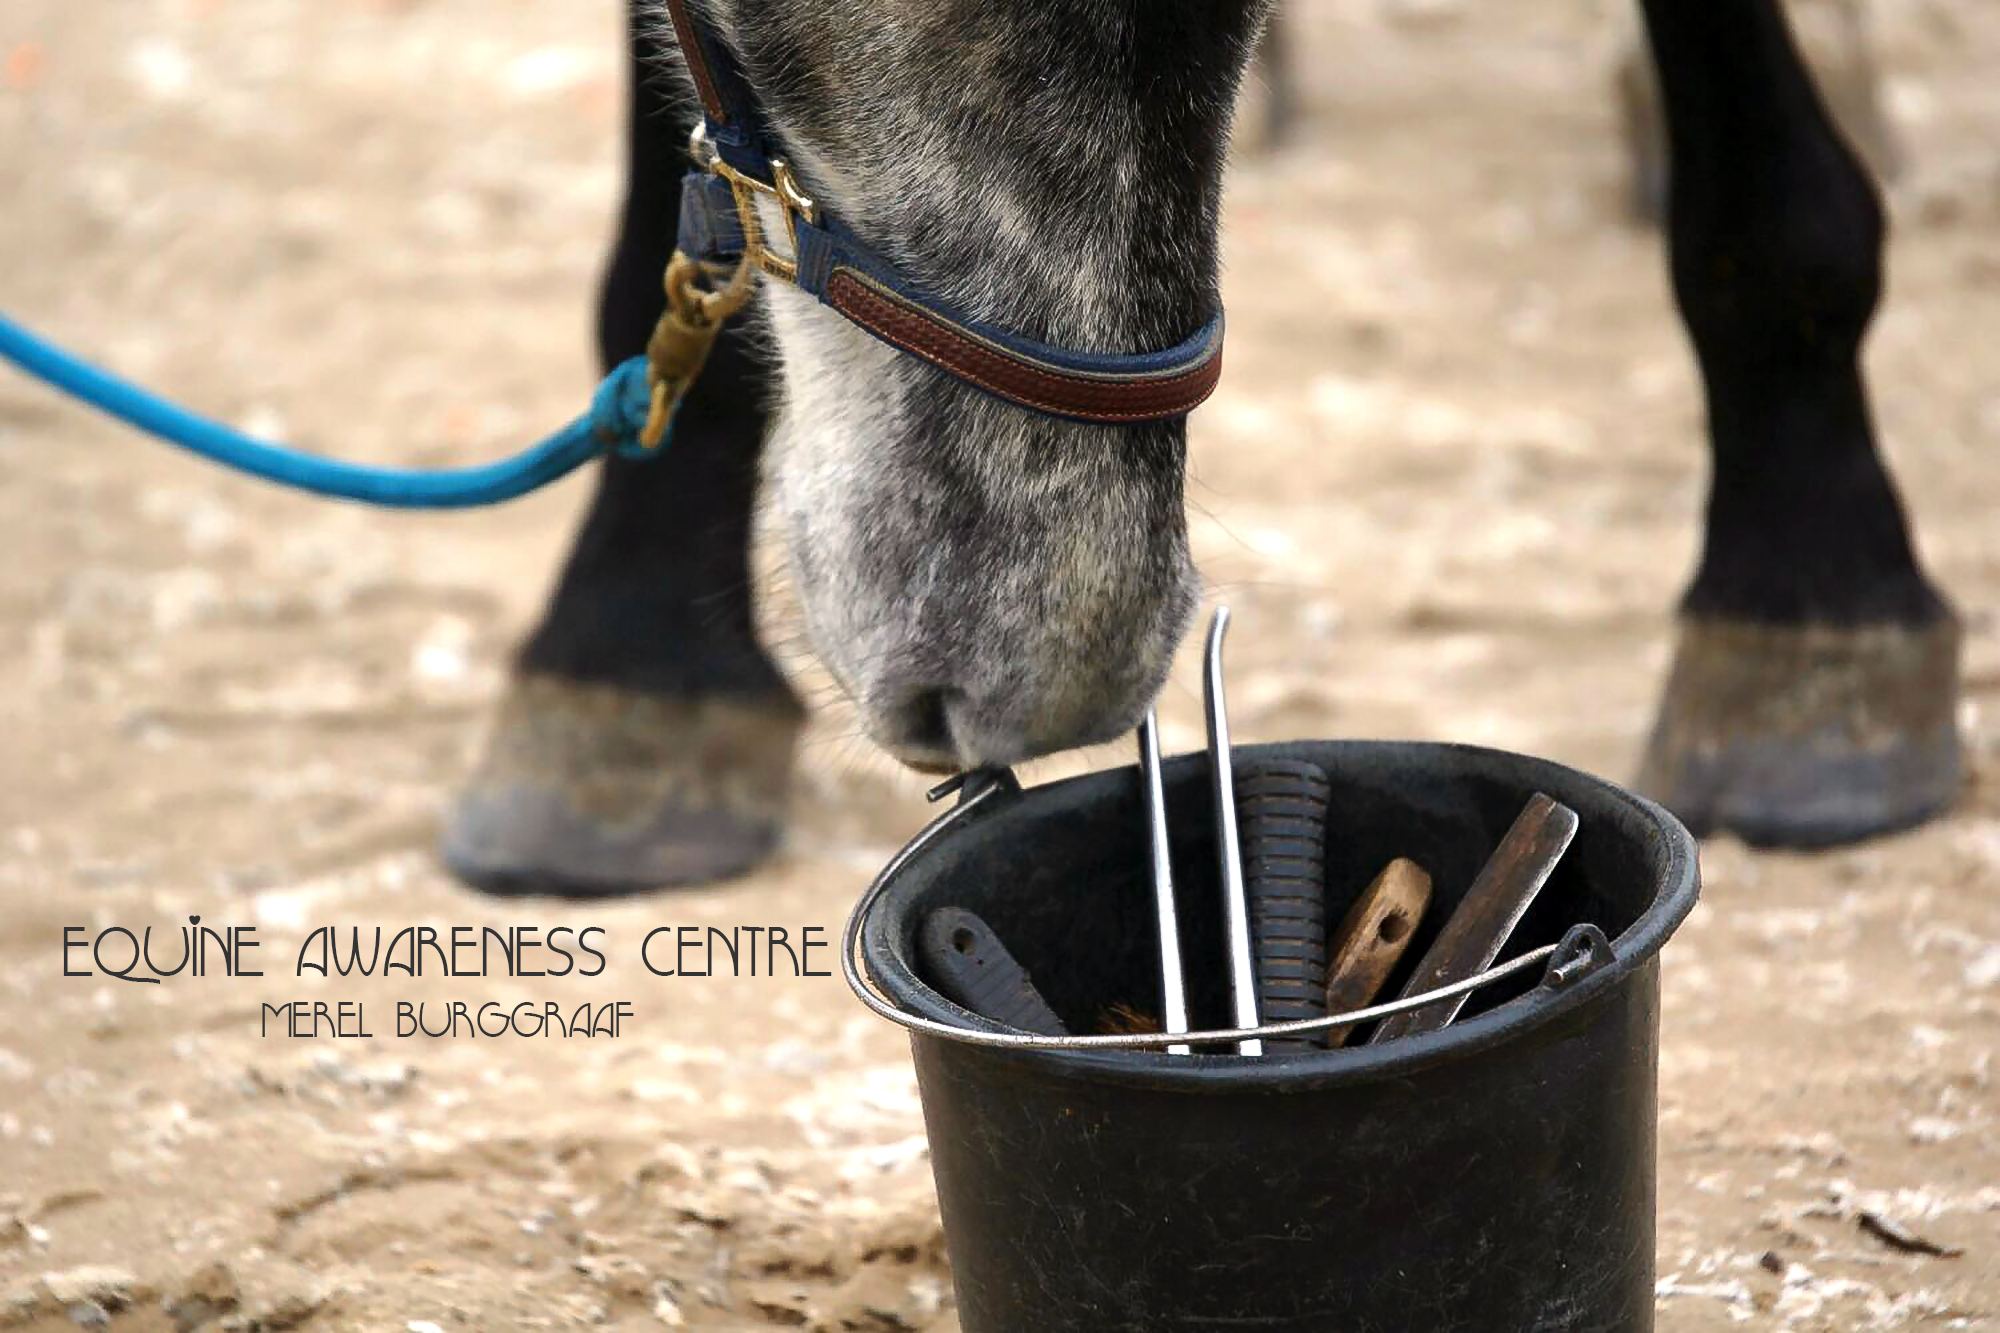 Equine Awareness Centre Merel Burggraaf succes paardentraining hoefsmid clicker training paard paarden Hippie Boy